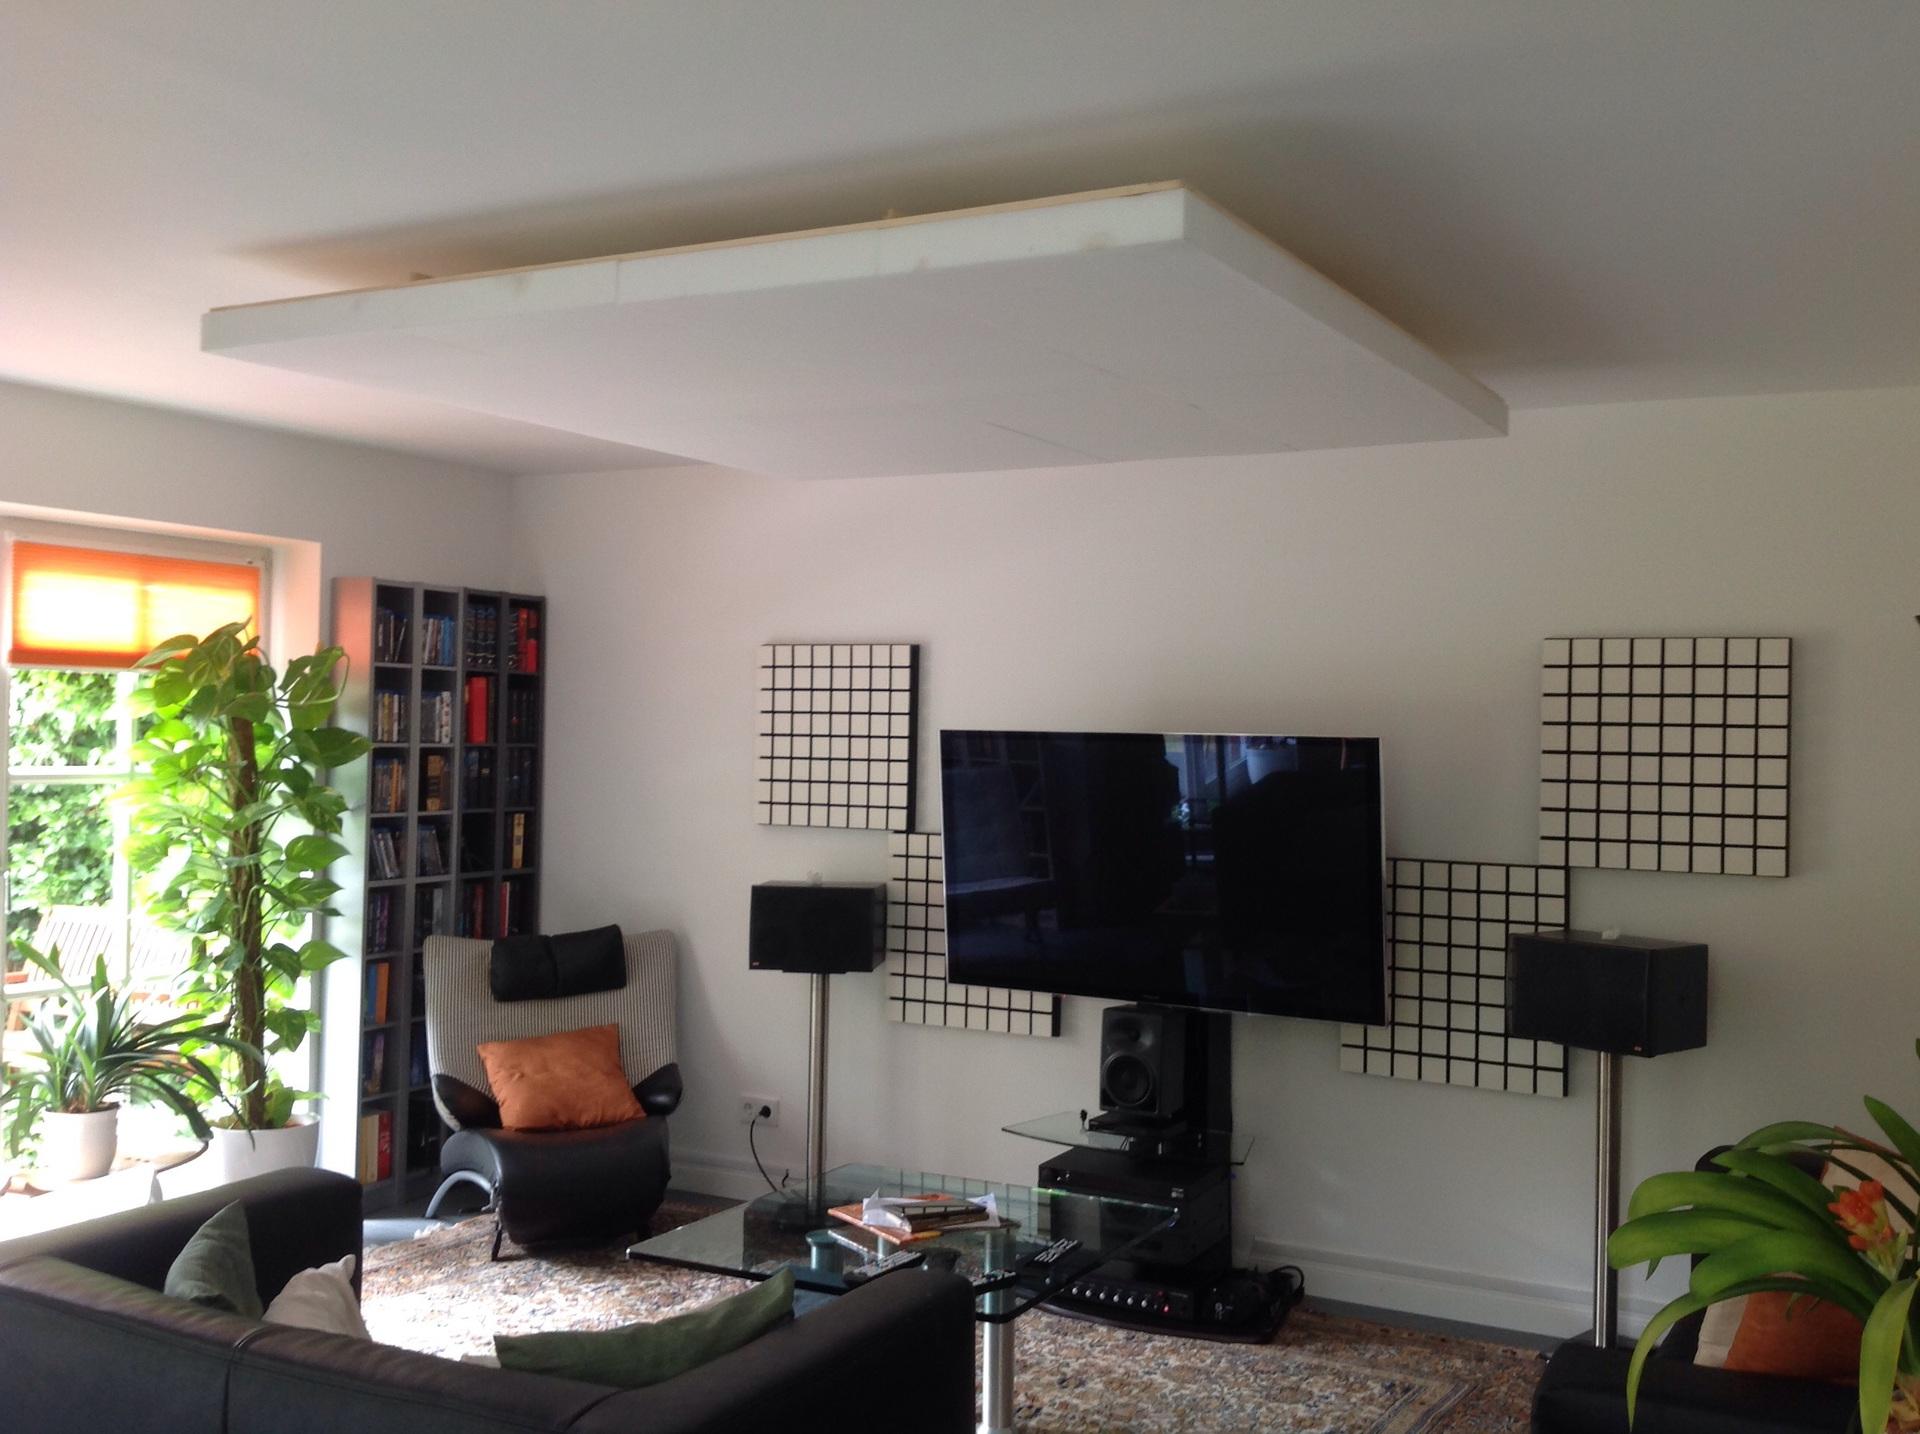 Pimp my Wohnzimmer.mit Selbstbau Deckensegel, Akustik - HIFI-FORUM